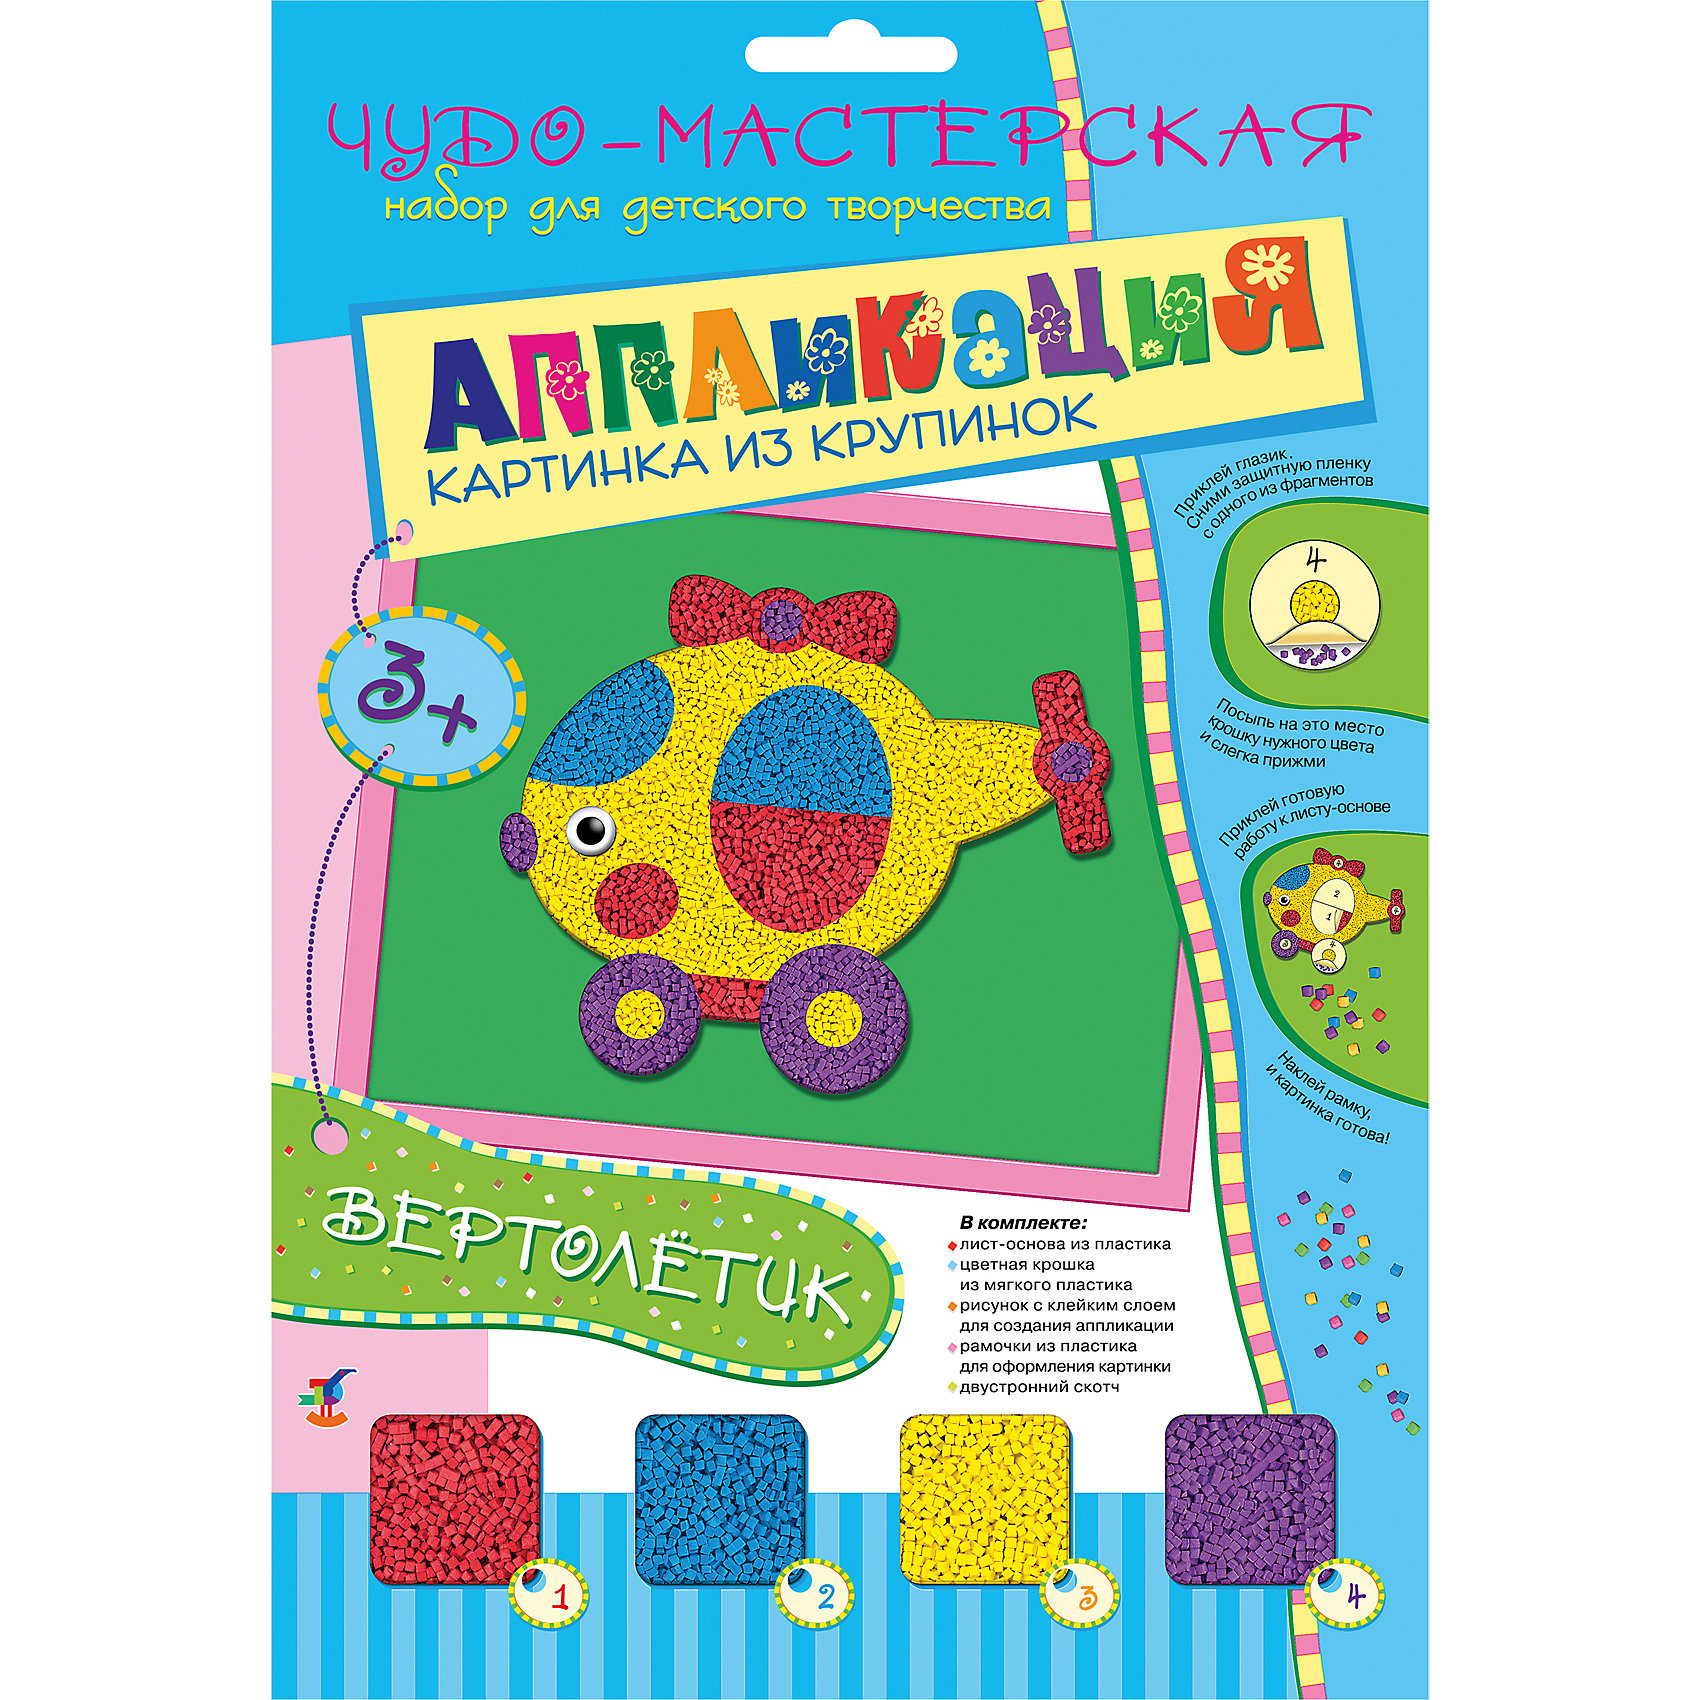 Аппликация из крупинок ВертолетикАппликация из крупинок Вертолетик - увлекательный набор для детского творчества, который позволит Вашему ребенку создать свои первые маленькие шедевры. Процесс создания картинки прост и не представляет сложности для ребенка: рисунок с клейким слоем размечен на пронумерованные фрагменты (каждый номер соответствует определённому цвету крупинок), нужно только аккуратно высыпать на них цветные крупинки нужного цвета согласно схеме. Цветная крошка из вспененного синтетического материала сделает изображение объёмным. Готовый рисунок приклейте к листу-основе. У Вас получится чудесная картинка с изображением забавного красочного вертолетика. Оформленная в рамку, она украсит комнату ребенка или станет подарком, сделанным собственными руками для друзей и родных. Набор способствует развитию мелкой моторики рук, внимания, творческих и художественных способностей ребенка.<br><br>Дополнительная информация:<br><br>- В комплекте: лист-основа, 4 пакетика цветной крошки из мягкого пластика, рисунок с клейким слоем для создания аппликации, рамочки для оформления картинки, двусторонний скотч.<br>- Материал: картон, мягкий пластик ЭВА, пластиковые детали.<br>- Размер упаковки: 35 х 24 х 0,5 см.<br>- Вес: 68 гр.<br><br>Аппликацию из крупинок Вертолетик, Дрофа Медиа, можно купить в нашем интернет-магазине.<br><br>Ширина мм: 350<br>Глубина мм: 240<br>Высота мм: 8<br>Вес г: 85<br>Возраст от месяцев: 36<br>Возраст до месяцев: 2147483647<br>Пол: Унисекс<br>Возраст: Детский<br>SKU: 4561797